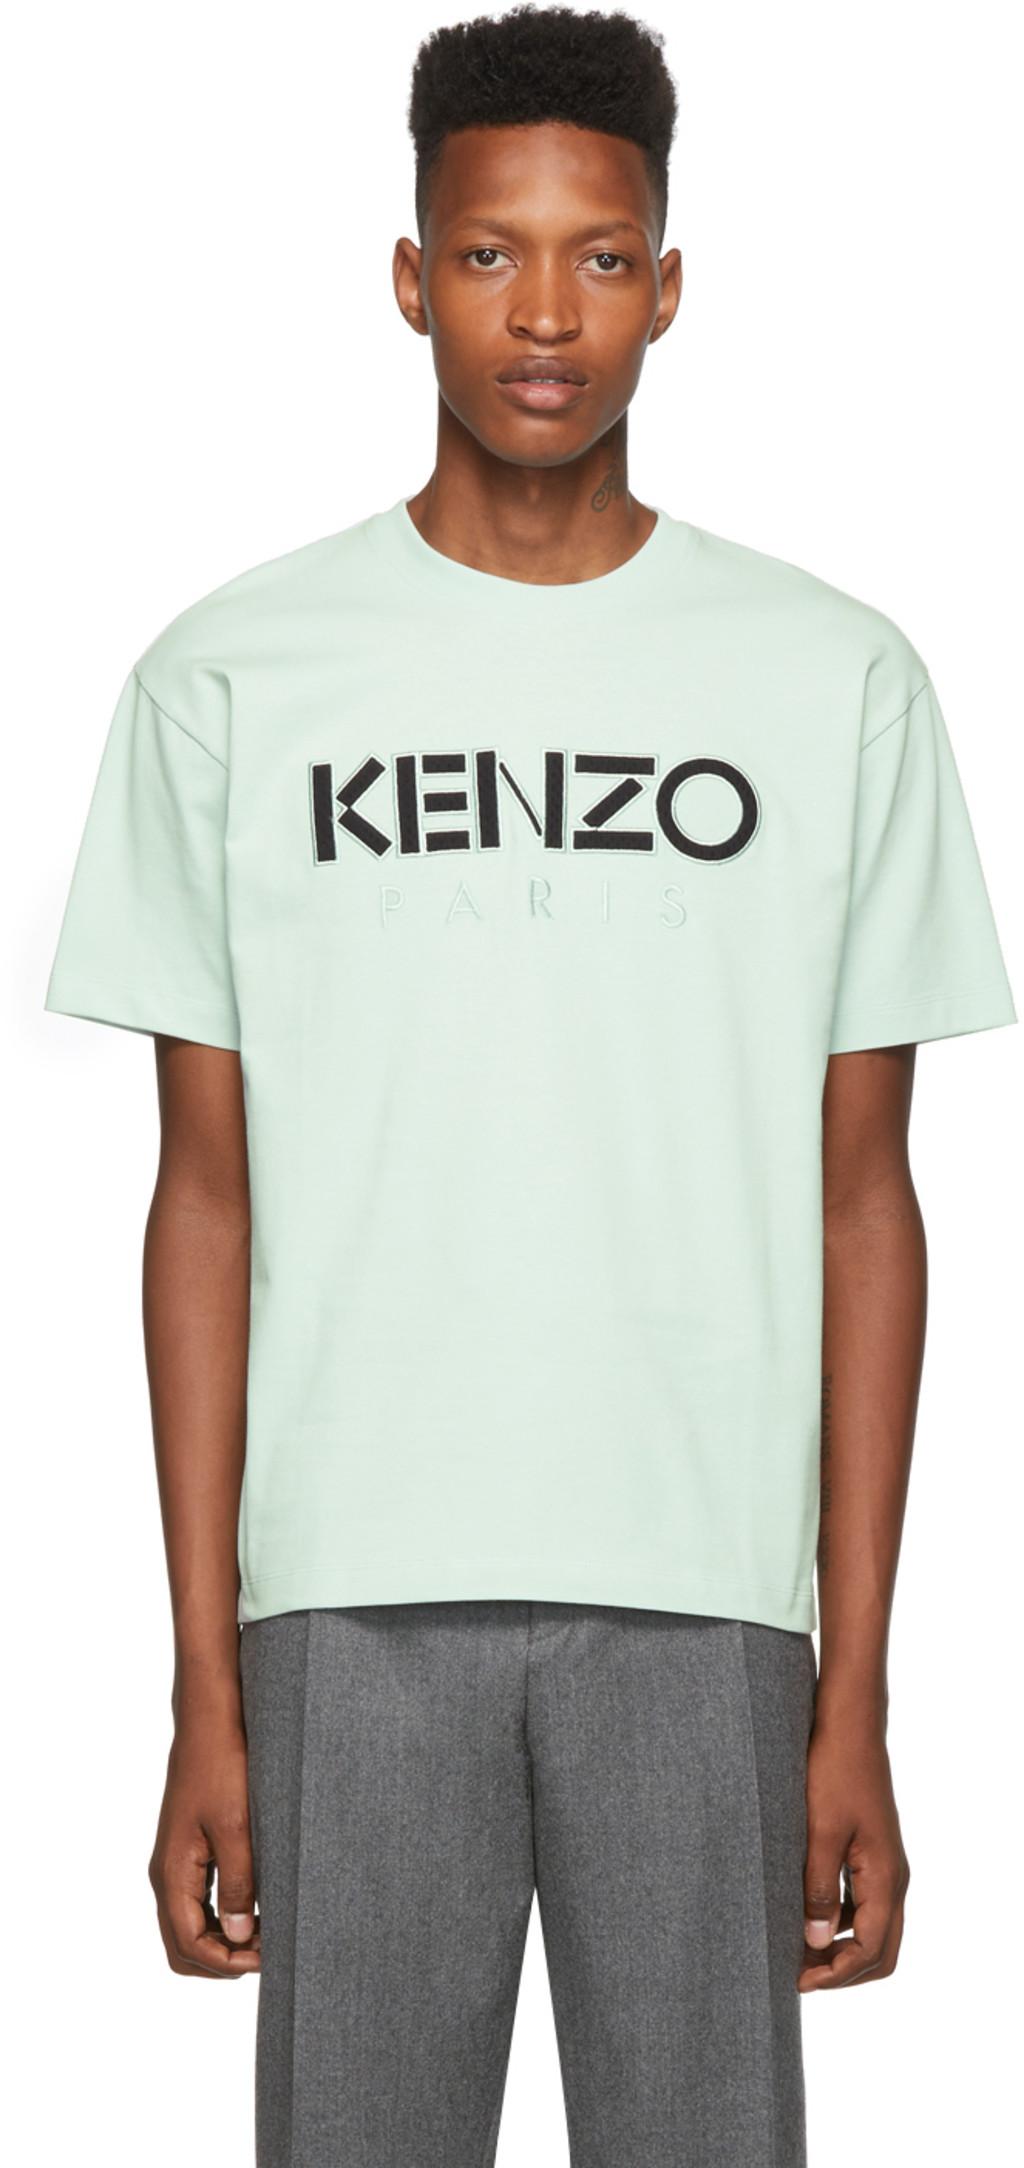 De Skate Coton T En Shirt Vert Jersey tshQrCd